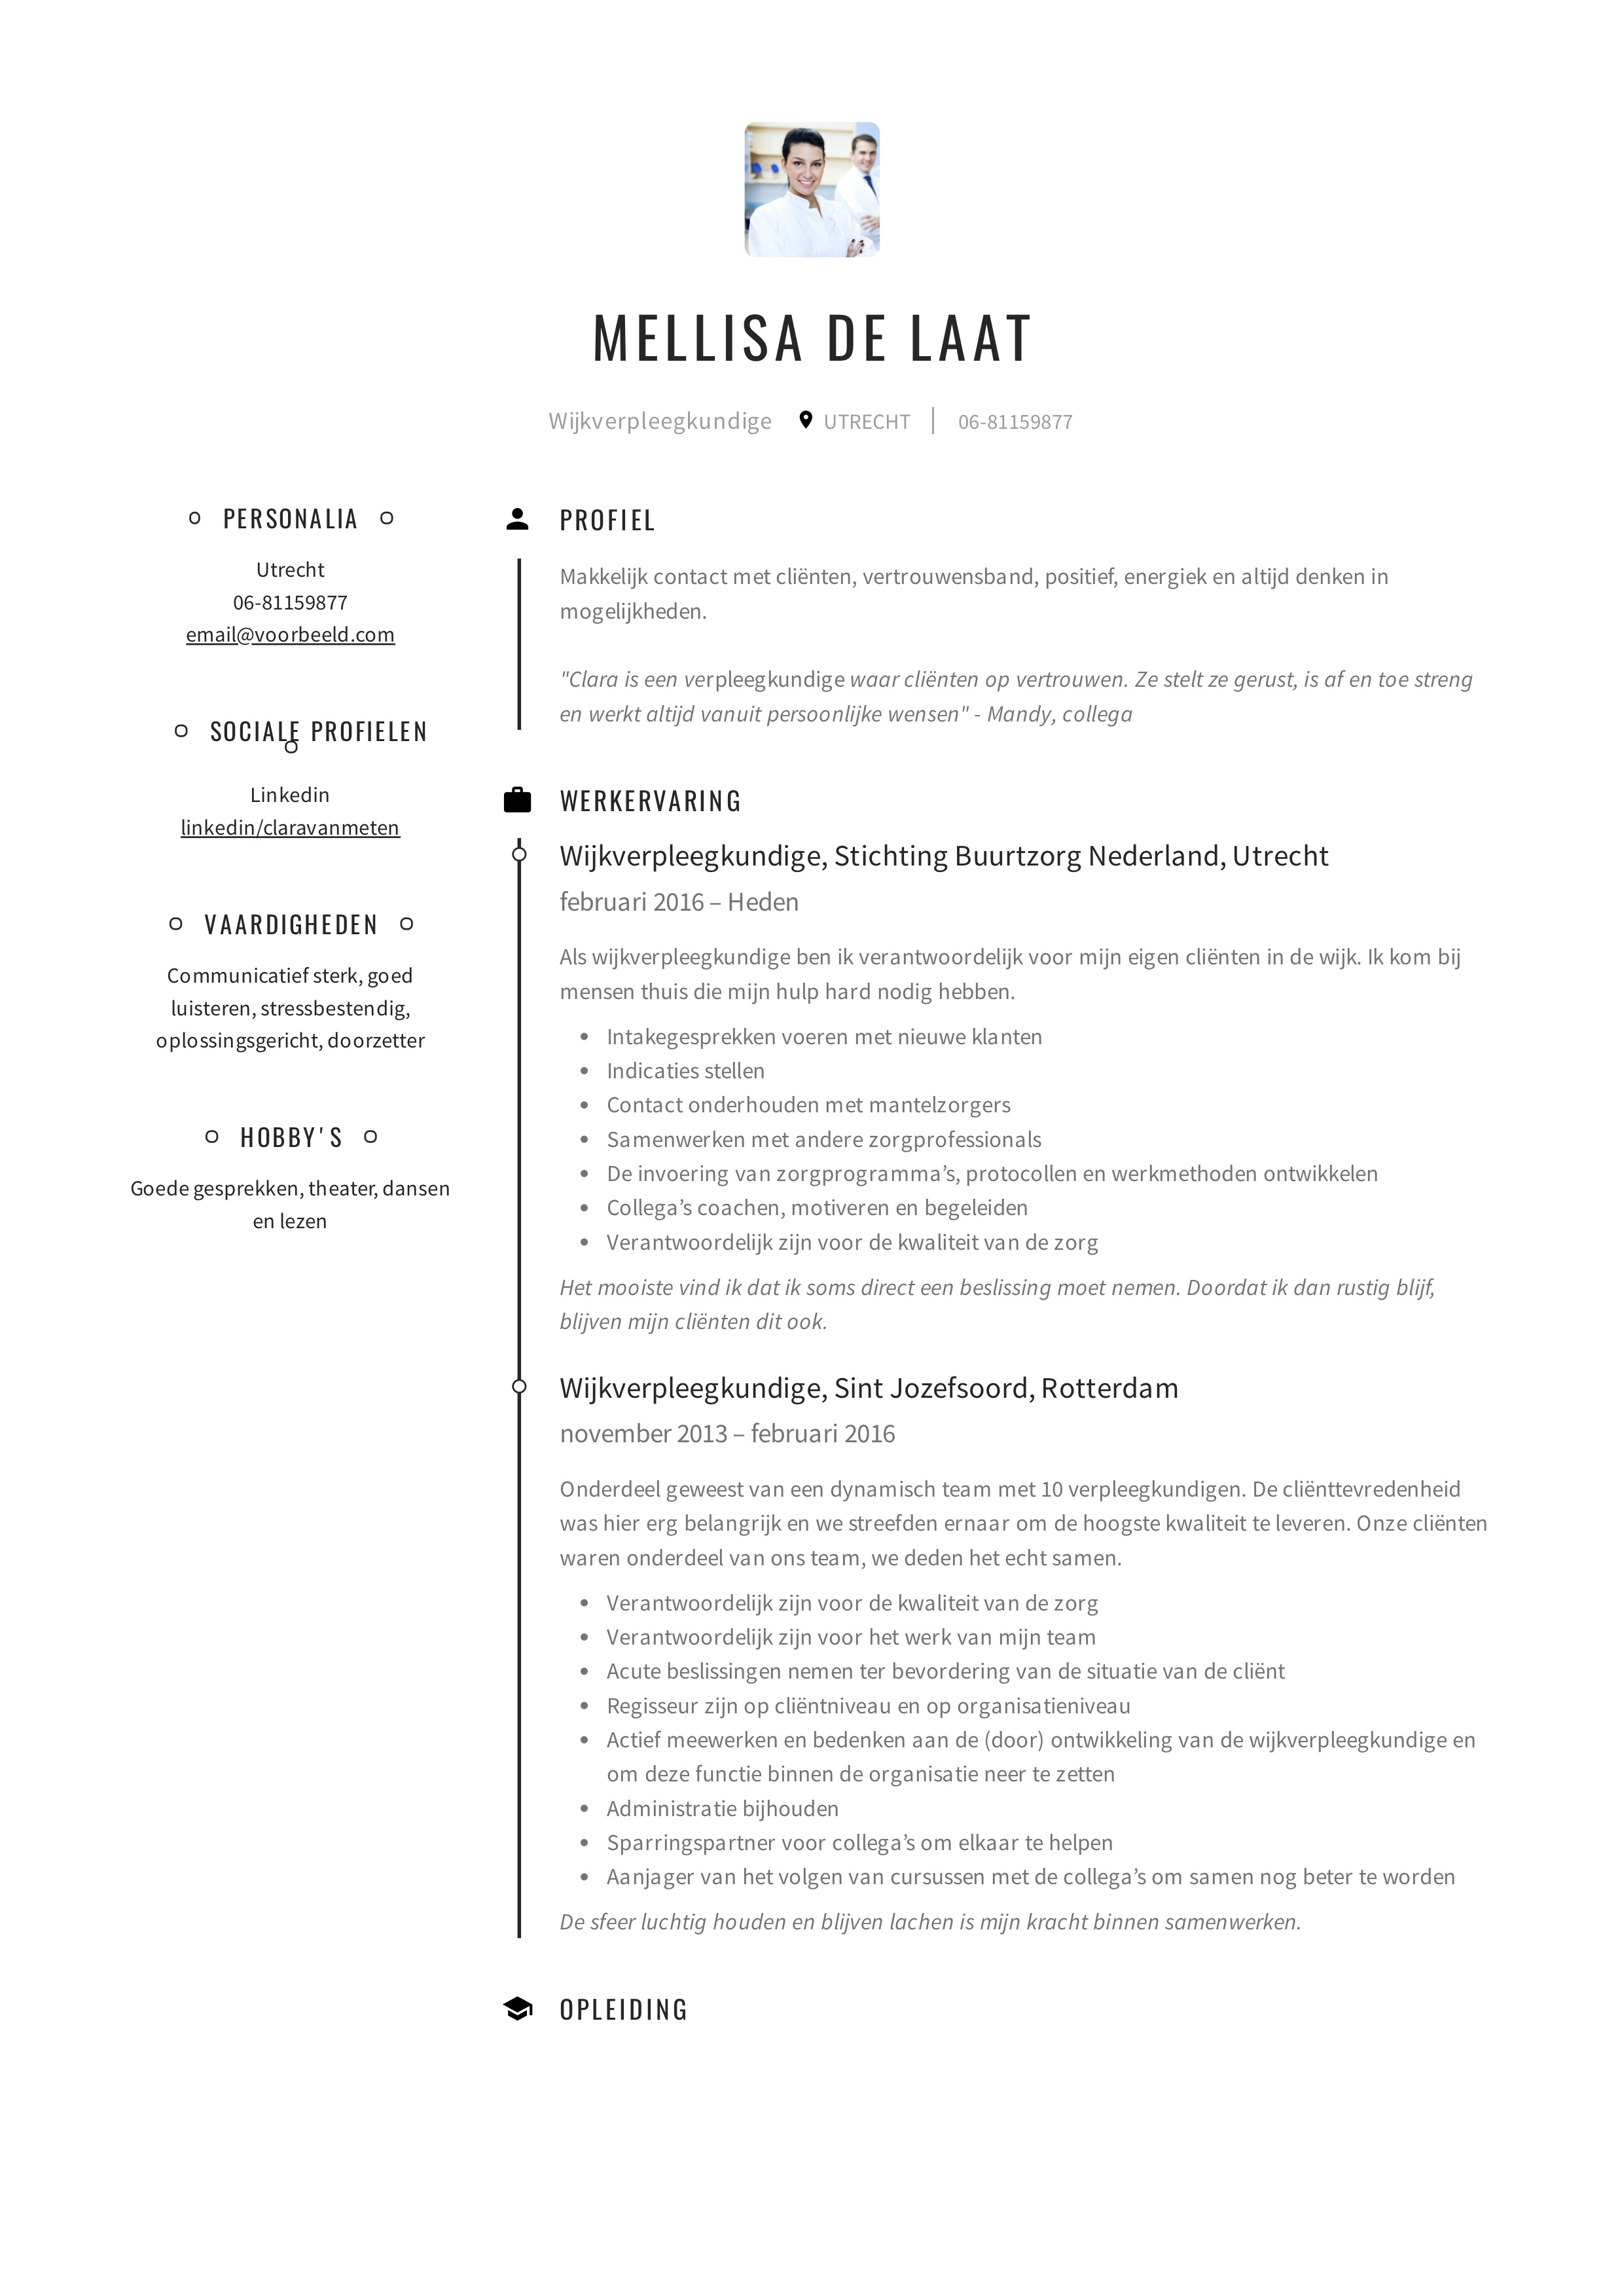 Mellisa_de_Laat_-_CV_-_Wijkverpleegkundige (1)